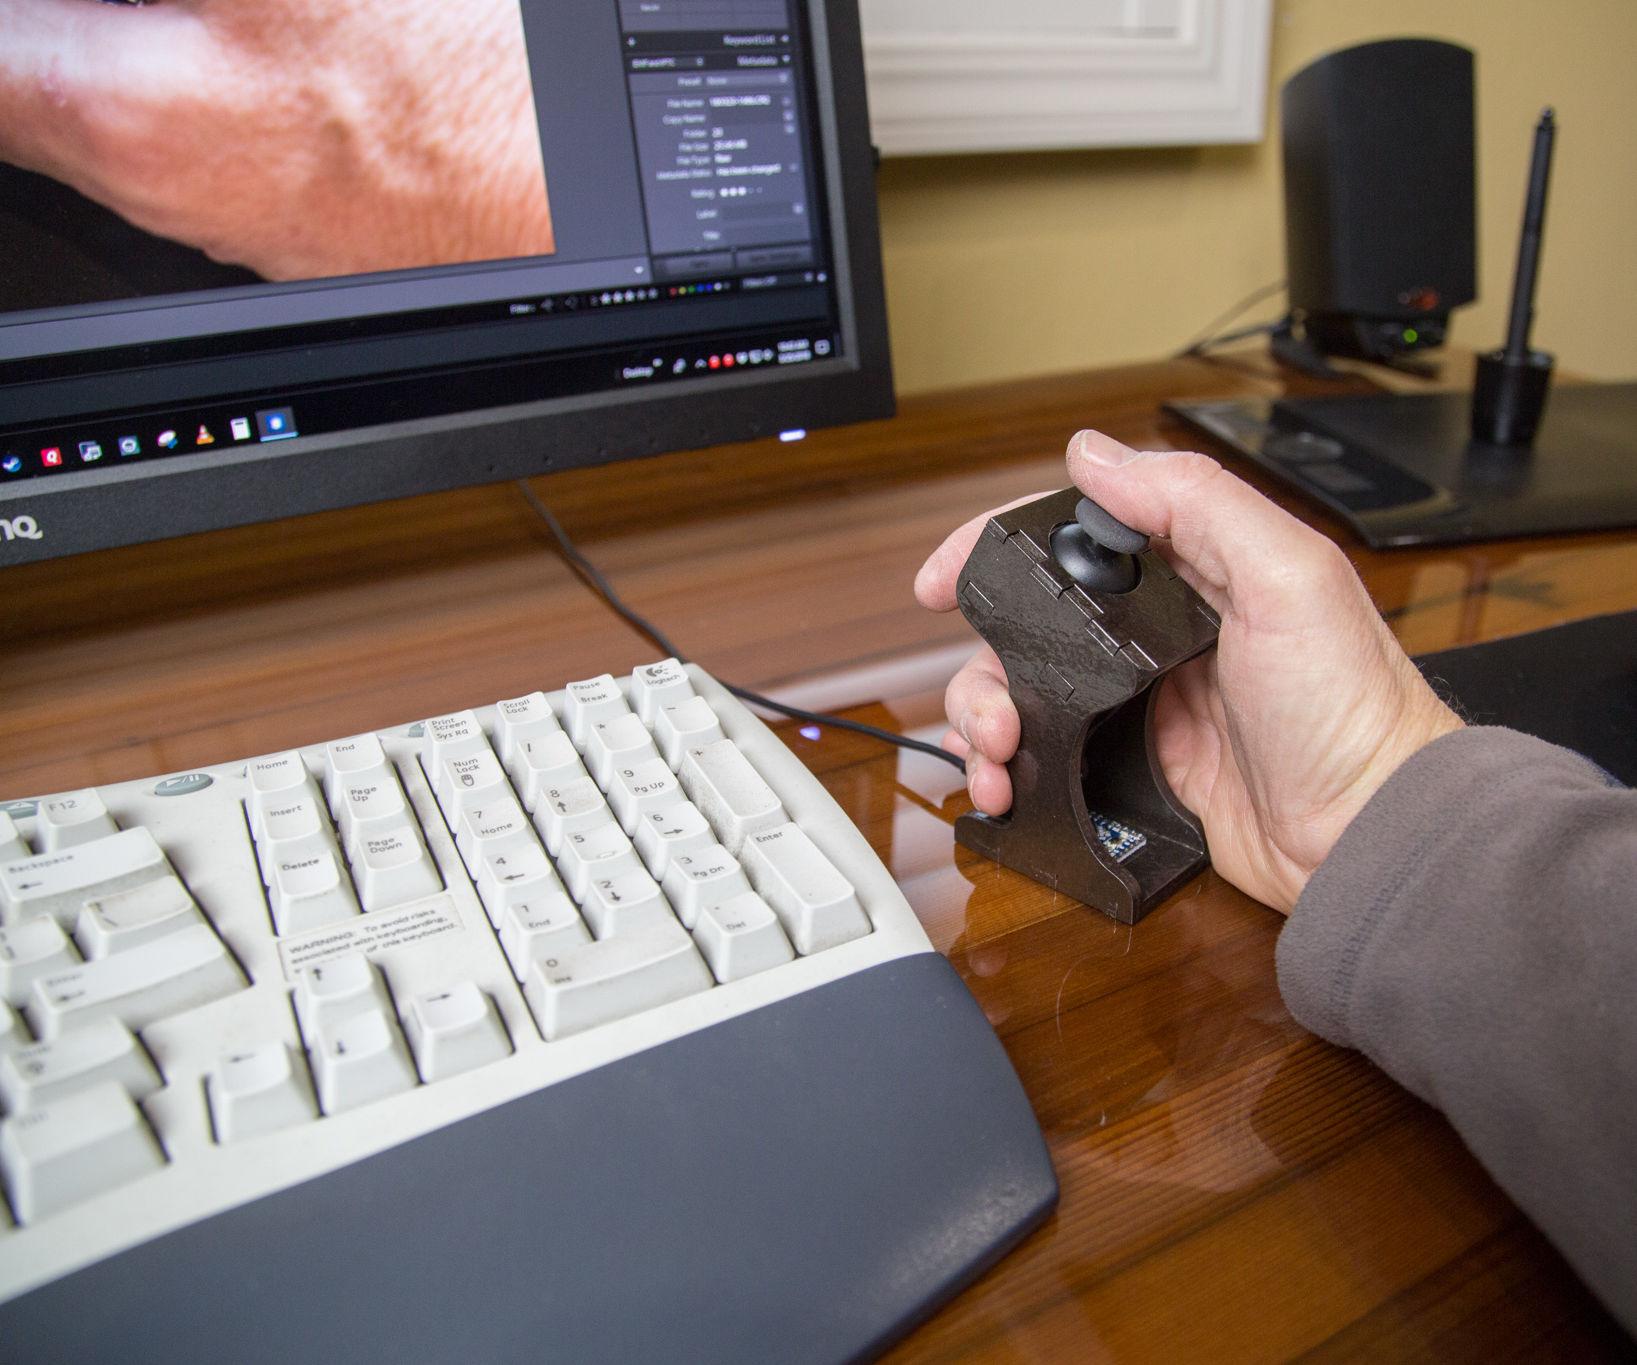 USB Keyboard Joystick